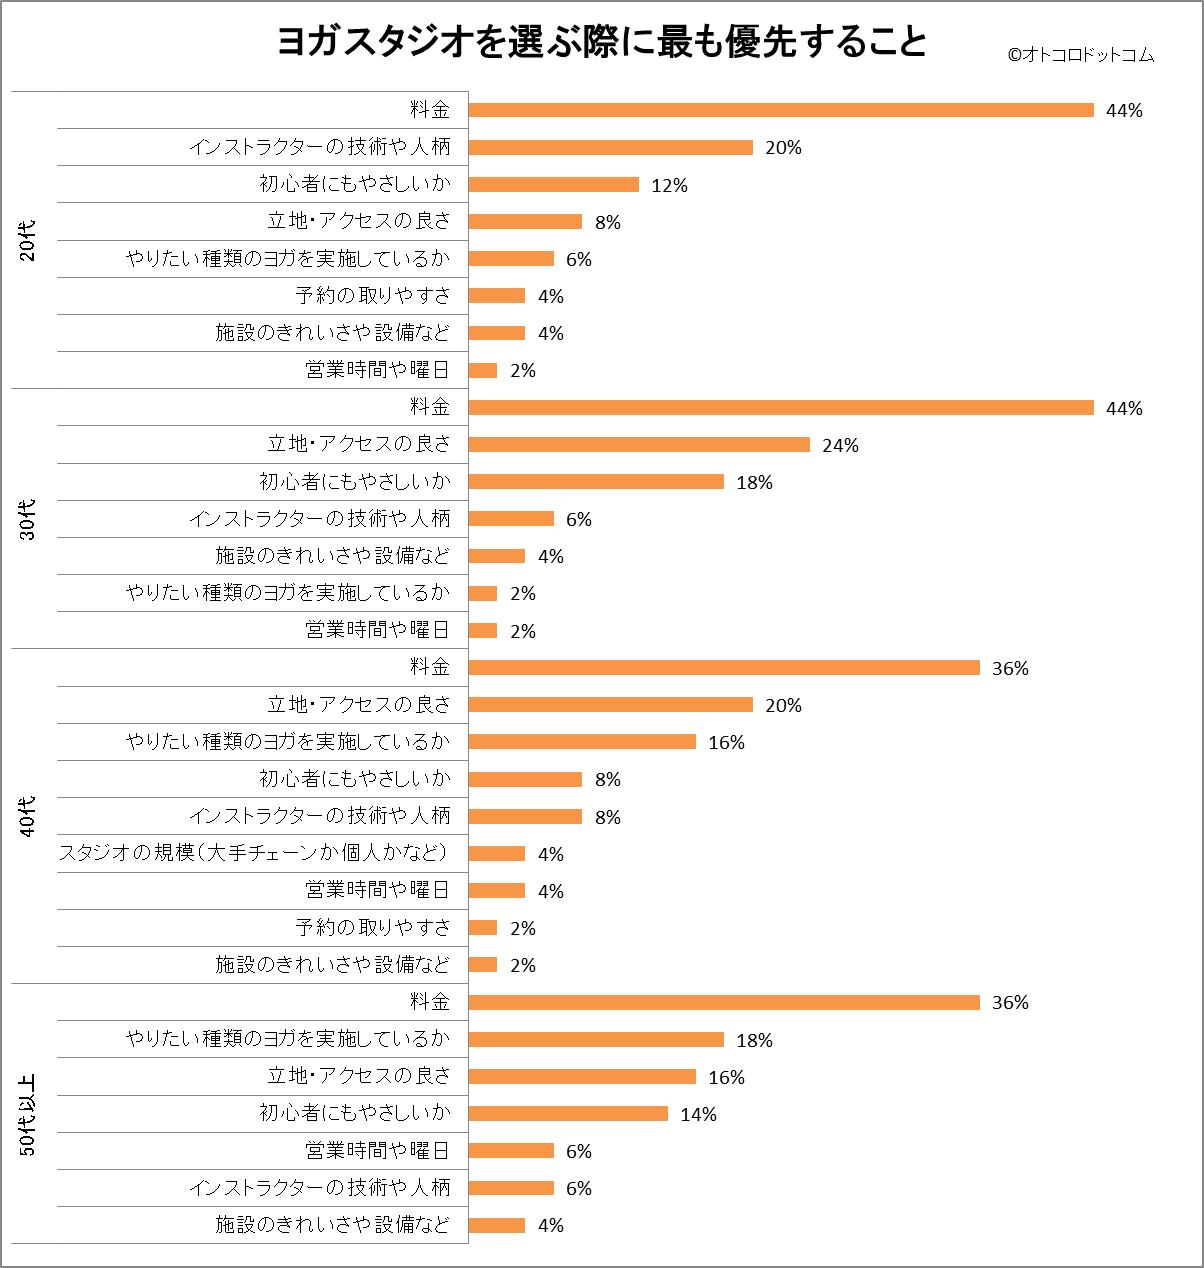 年代別ヨガスタジオを選ぶ基準 アンケート結果グラフ